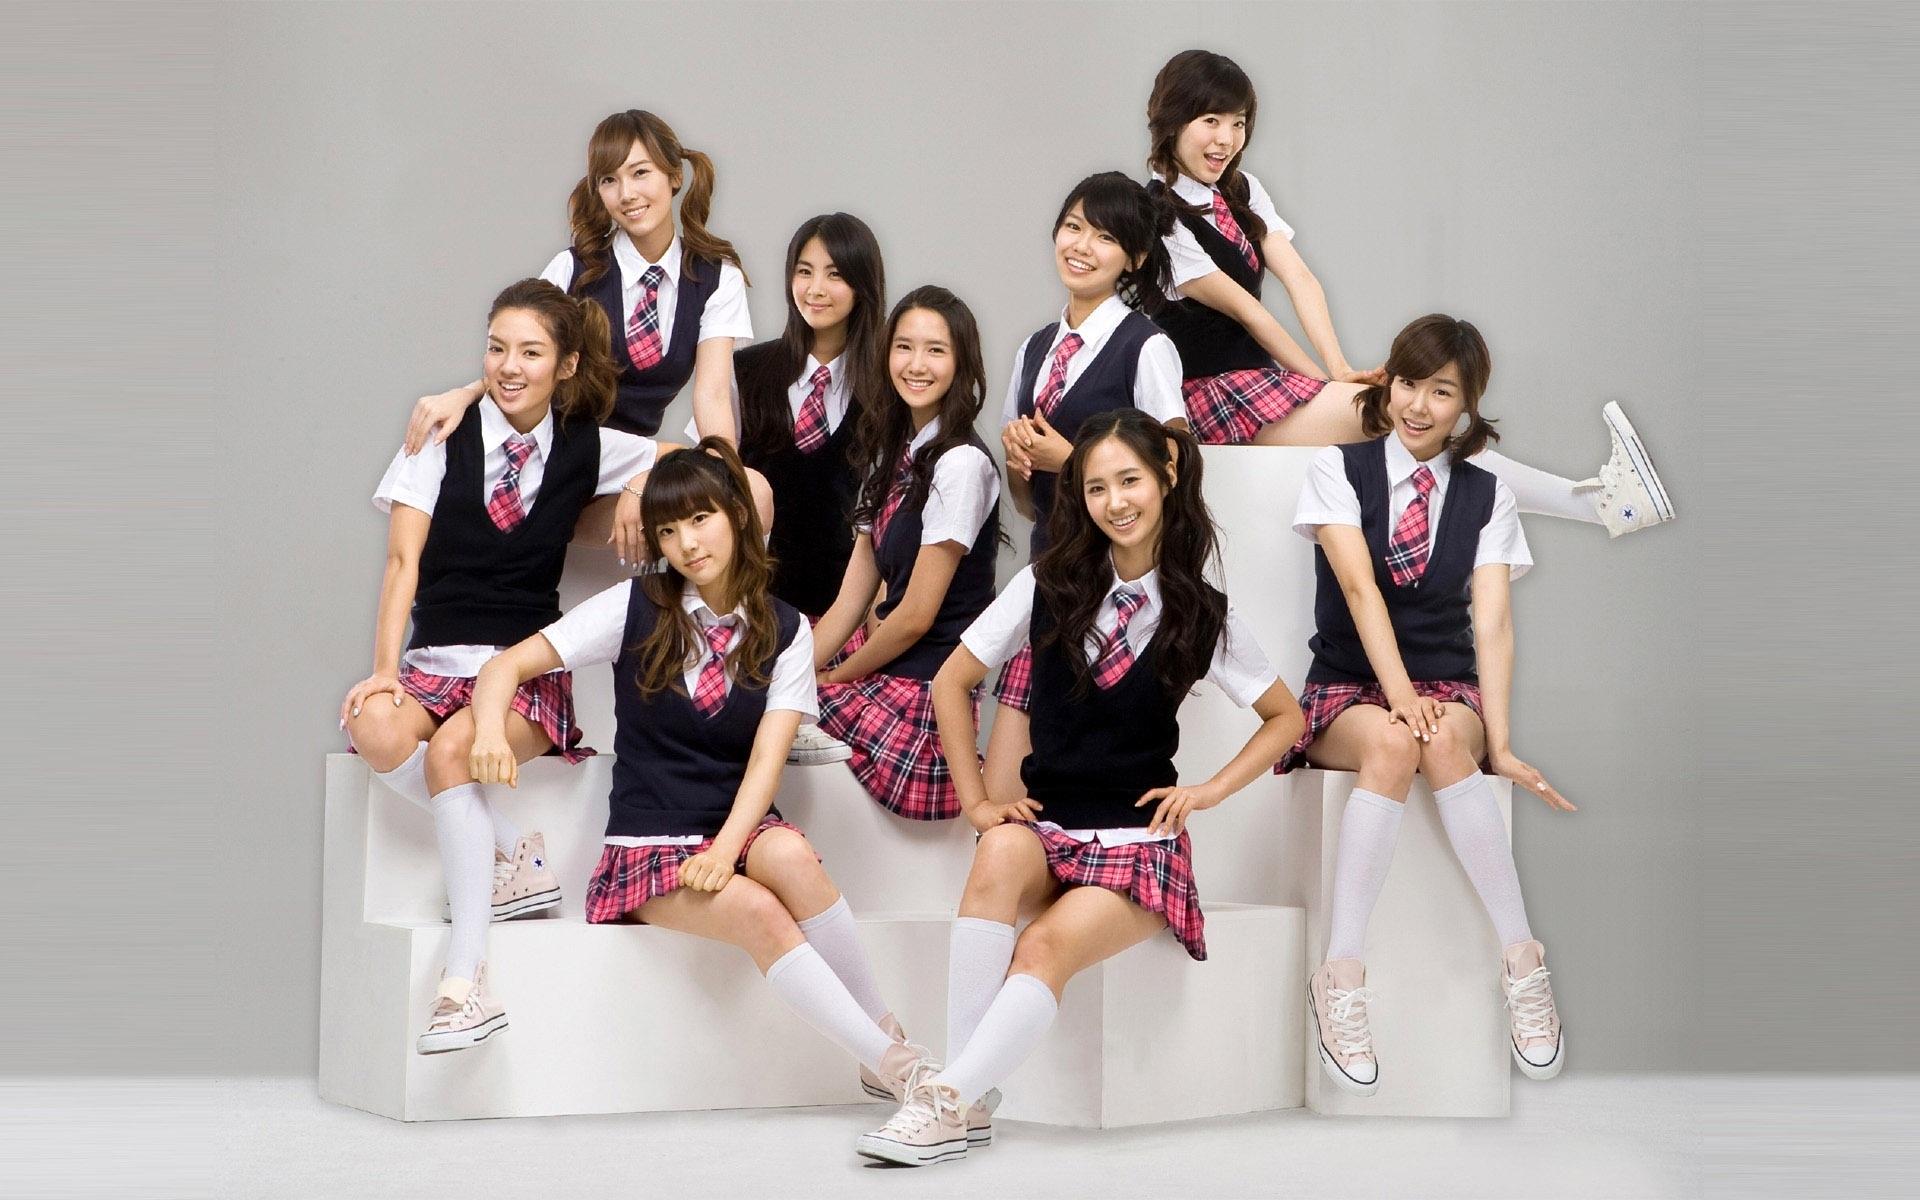 http://best-wallpaper.net/wallpaper/1920x1200/1107/Girls-Generation-10_1920x1200.jpg